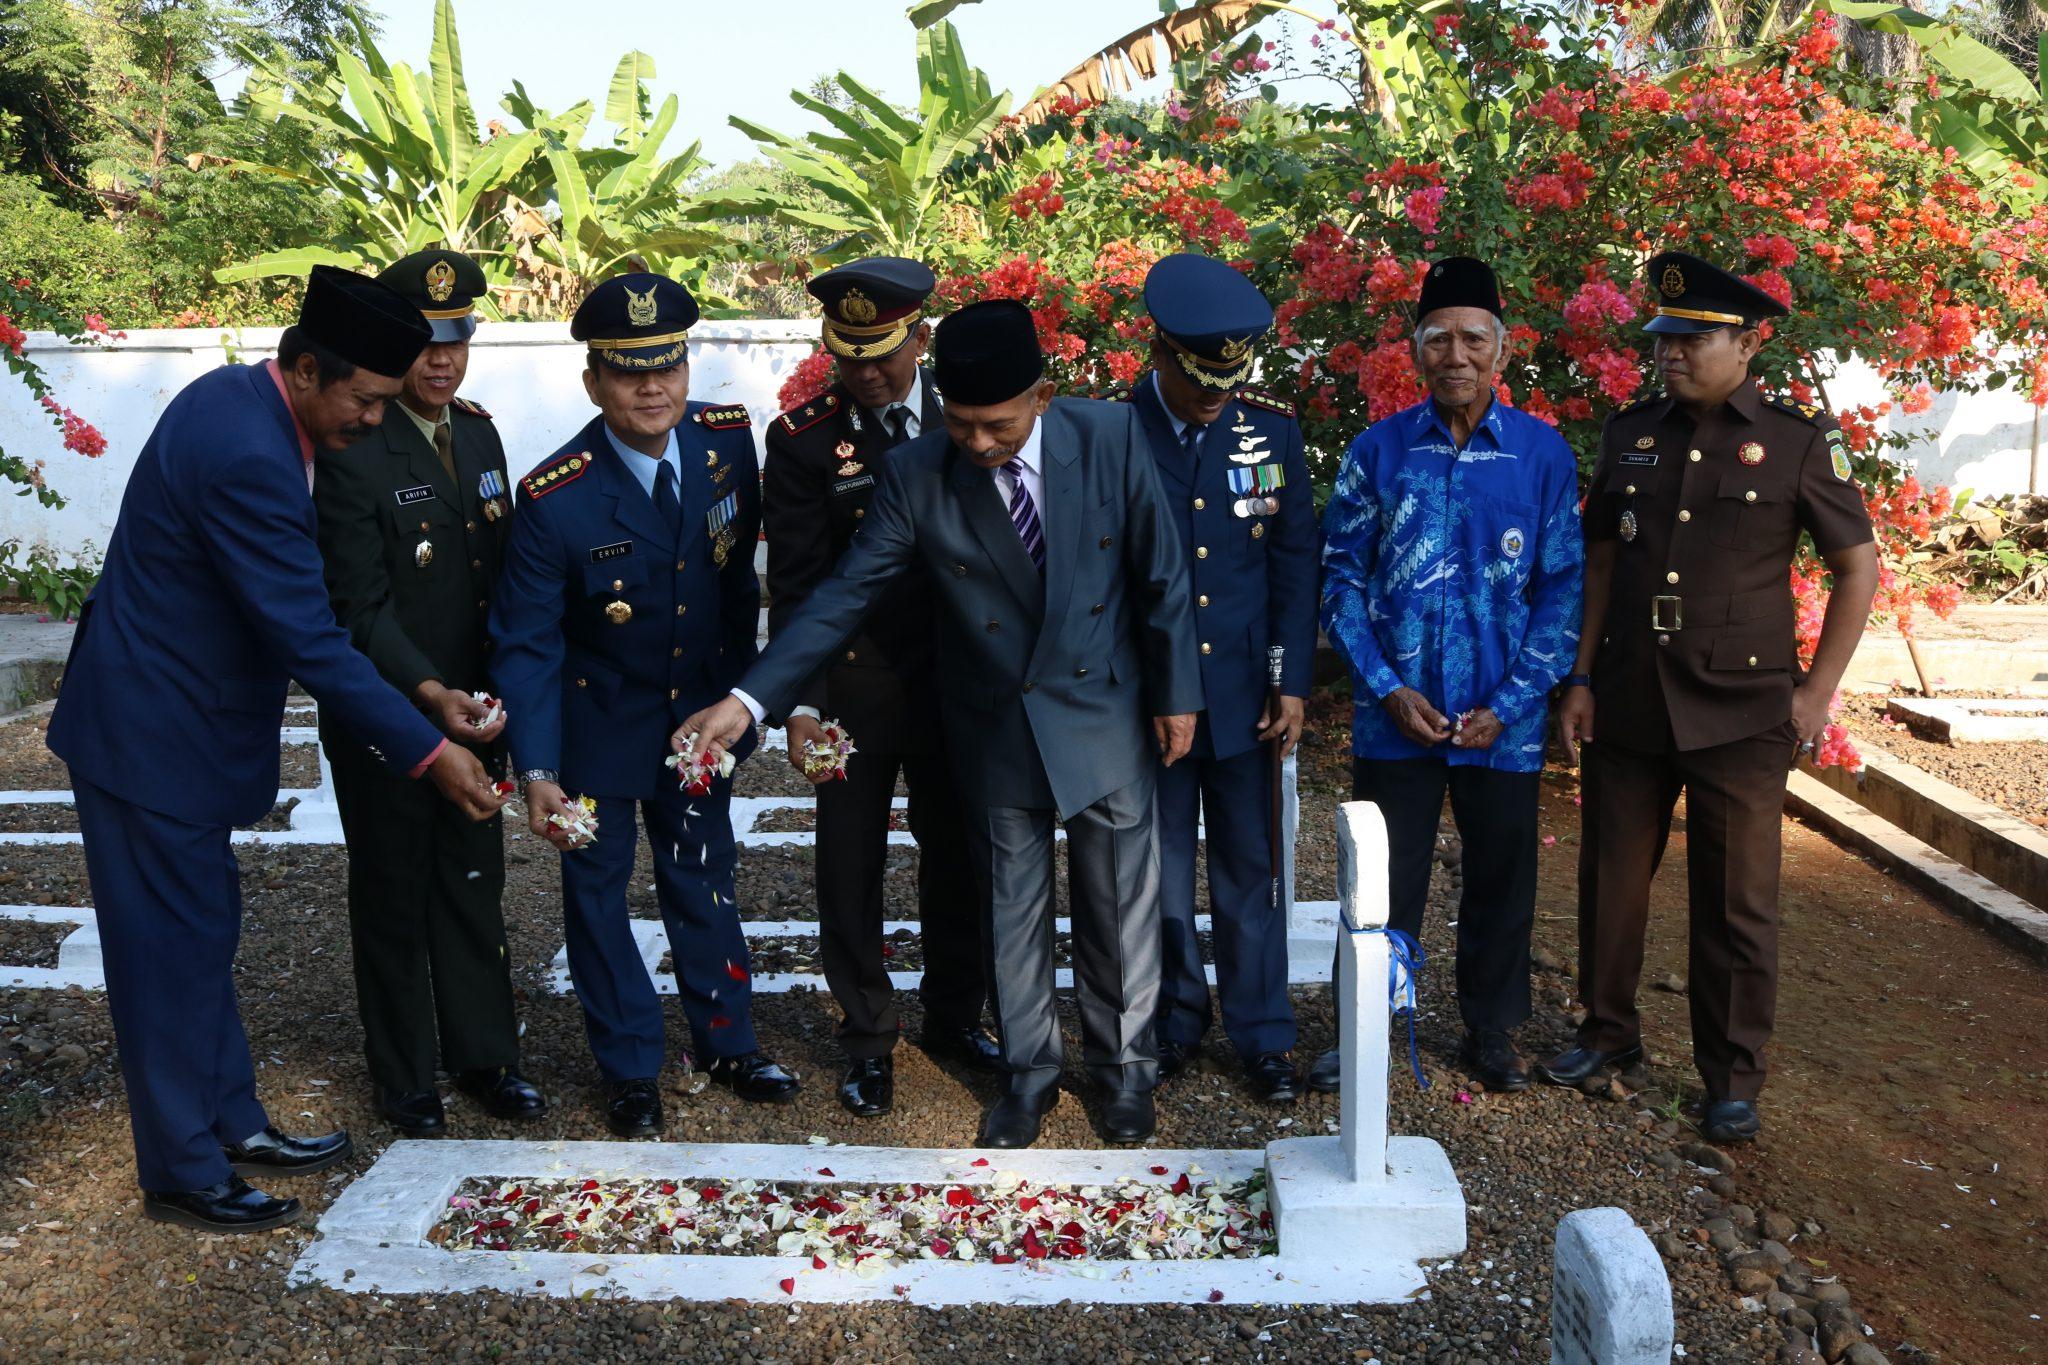 Memperingati Hari Bakti Ke-71 TNI AU, Personel Wingdiktekkal Ziarah Dan Tabur Bunga Di TMP Cidongkol Subang